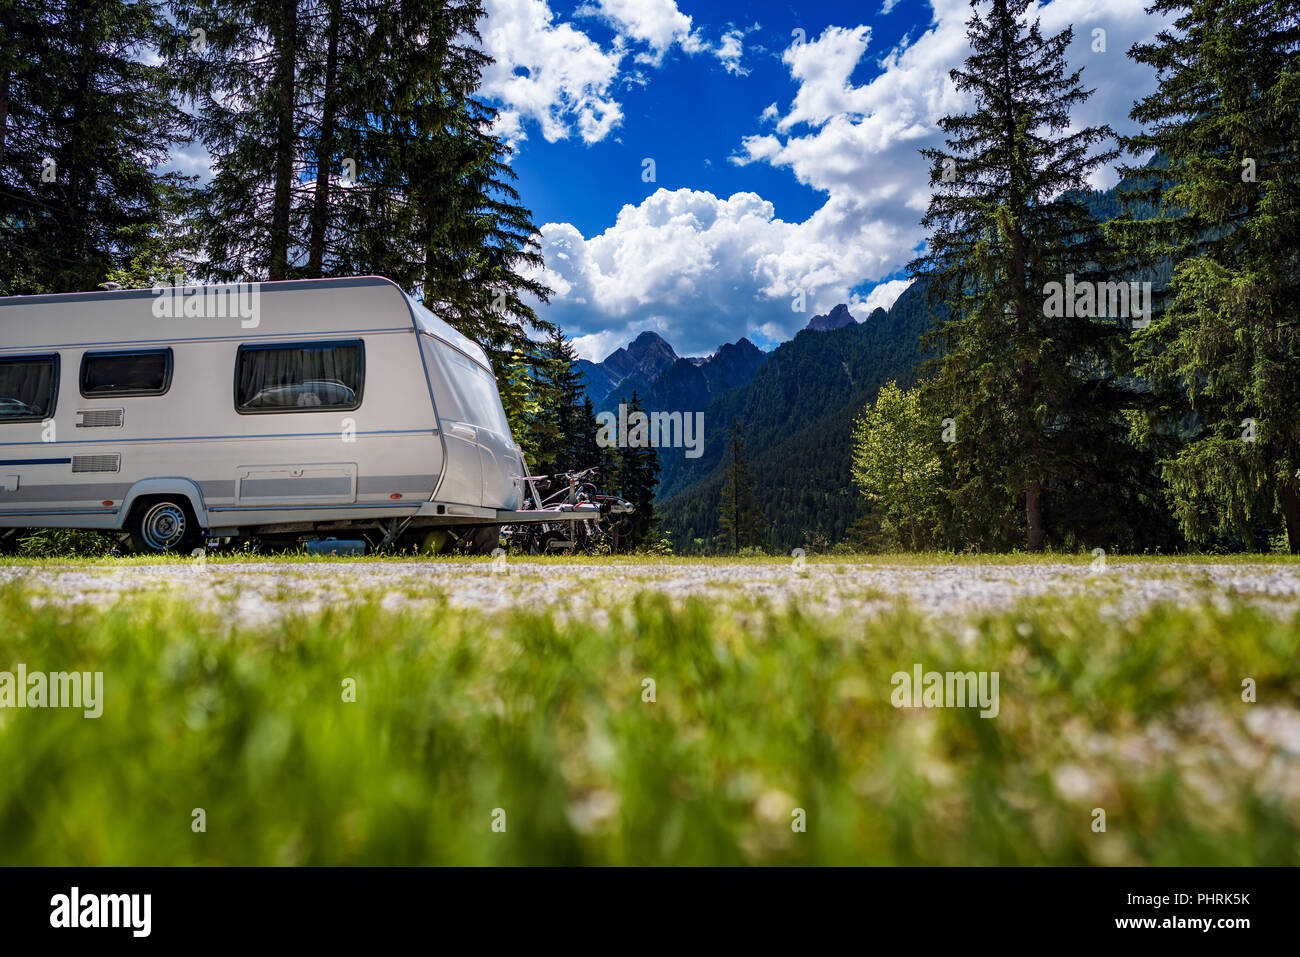 Vacanza per la famiglia in viaggio, viaggio vacanza in camper RV, Caravan auto vacanza. Natura Bella Italia paesaggio naturale delle Alpi. Immagini Stock